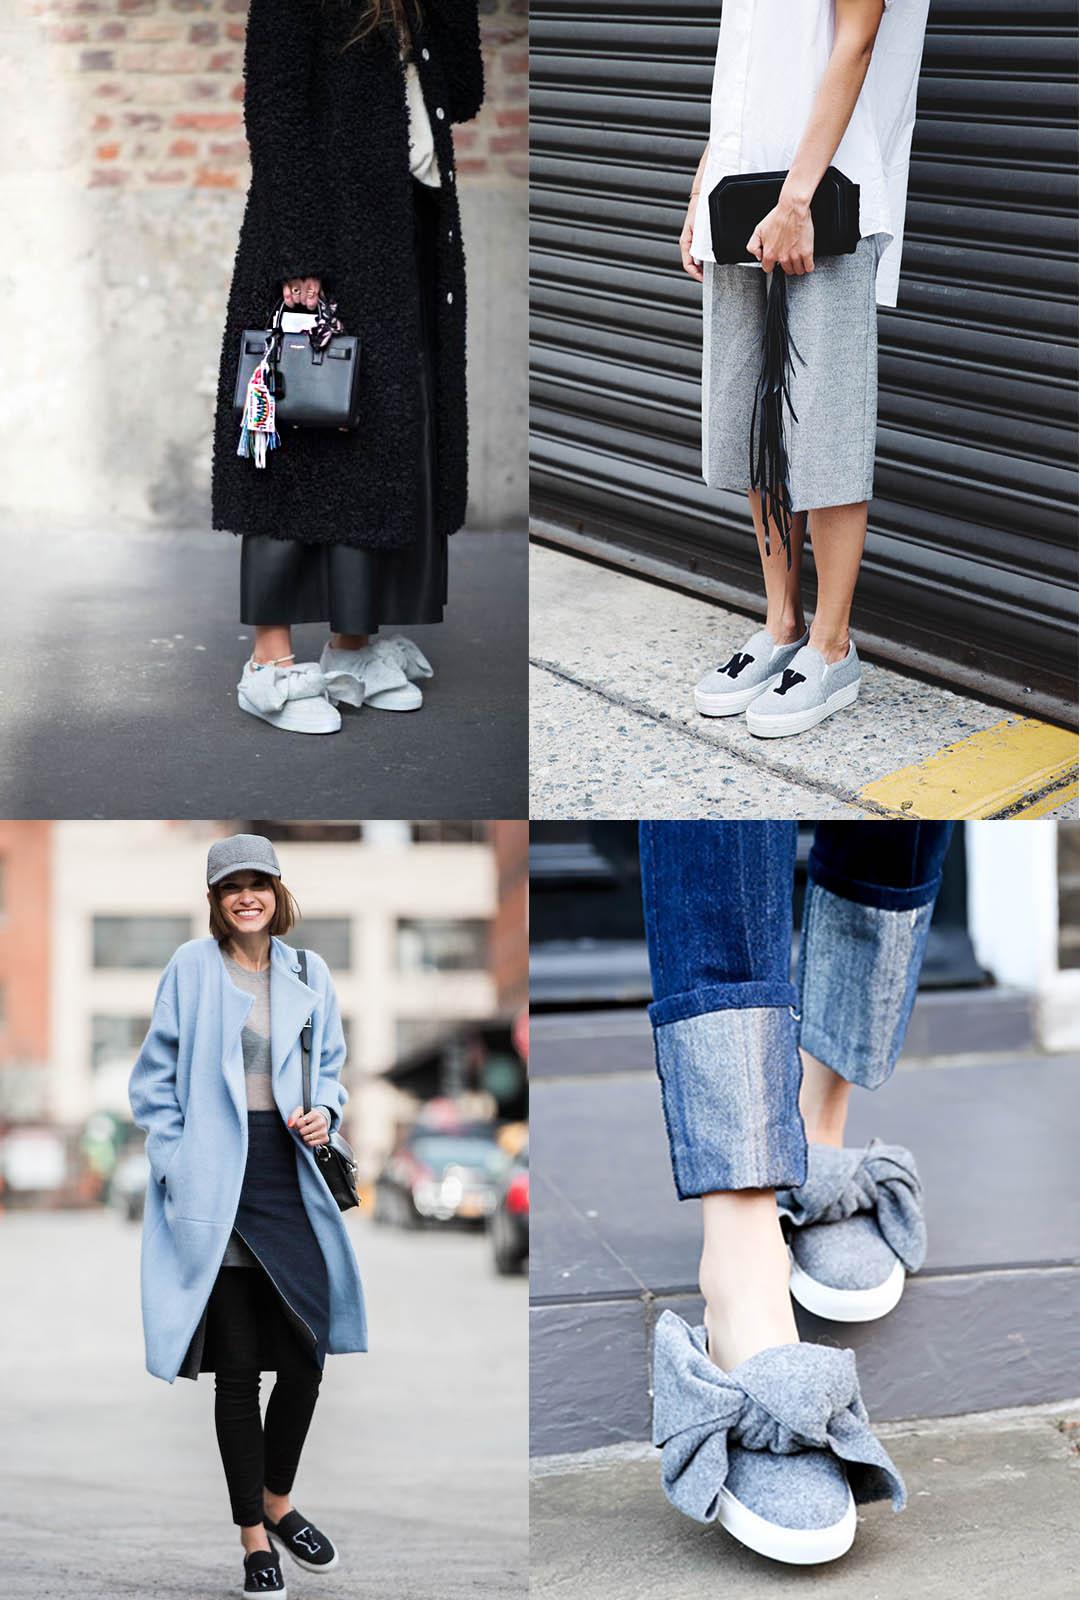 joshua scarpe